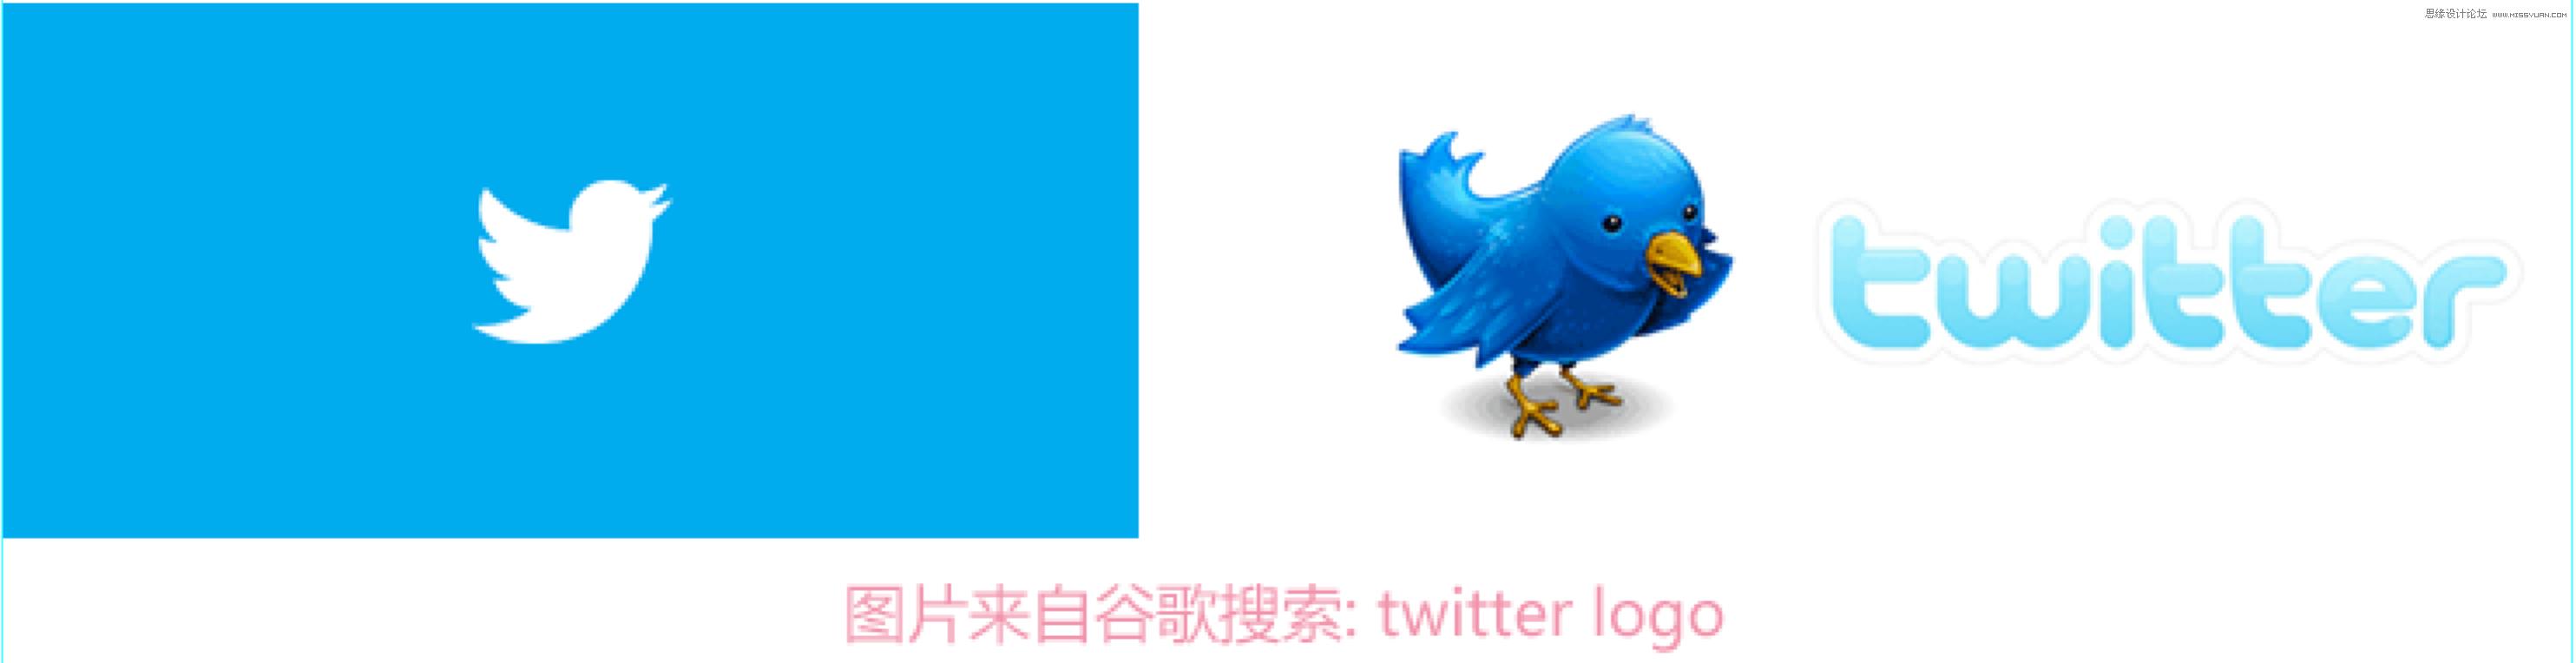 虽然大家很少看到,但是一定知道这是twitter的logo,它足够扁平了对吗?它能看出来是一只小鸟,能想象到大家在twitter上叽叽喳喳的说话,非常成功,而且采用了扁平化设计也是非常正确,它让每个用户自己联想自己是什么样的鸟,雄鹰还是孔雀还是麻雀;可以让用户设定自己是什么颜色,是幸福的蓝色还是七彩的还是其他。扁平带给人无限的想象空间,说的俗一点就是个性化定制。如果将其拟物化,它的定位就是准确的蓝色麻雀,而这个形象会因为大众的不同审美存在不同的喜好,它不会优于扁平化的设计。而这,和科技本身似乎没什么关系